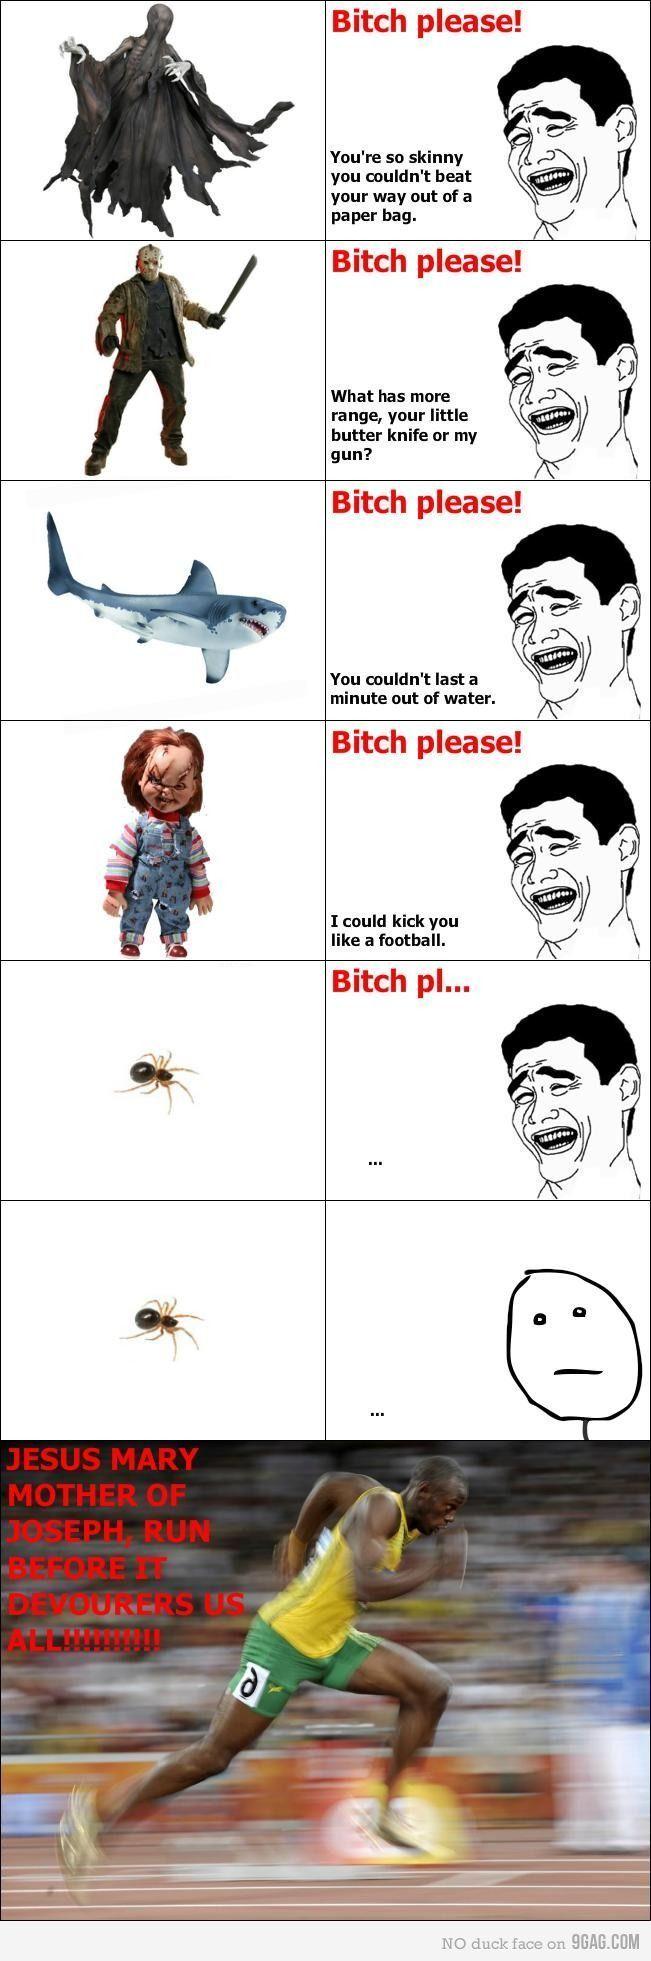 Diese Spinnen-Meme bringen mich immer um. – Carola